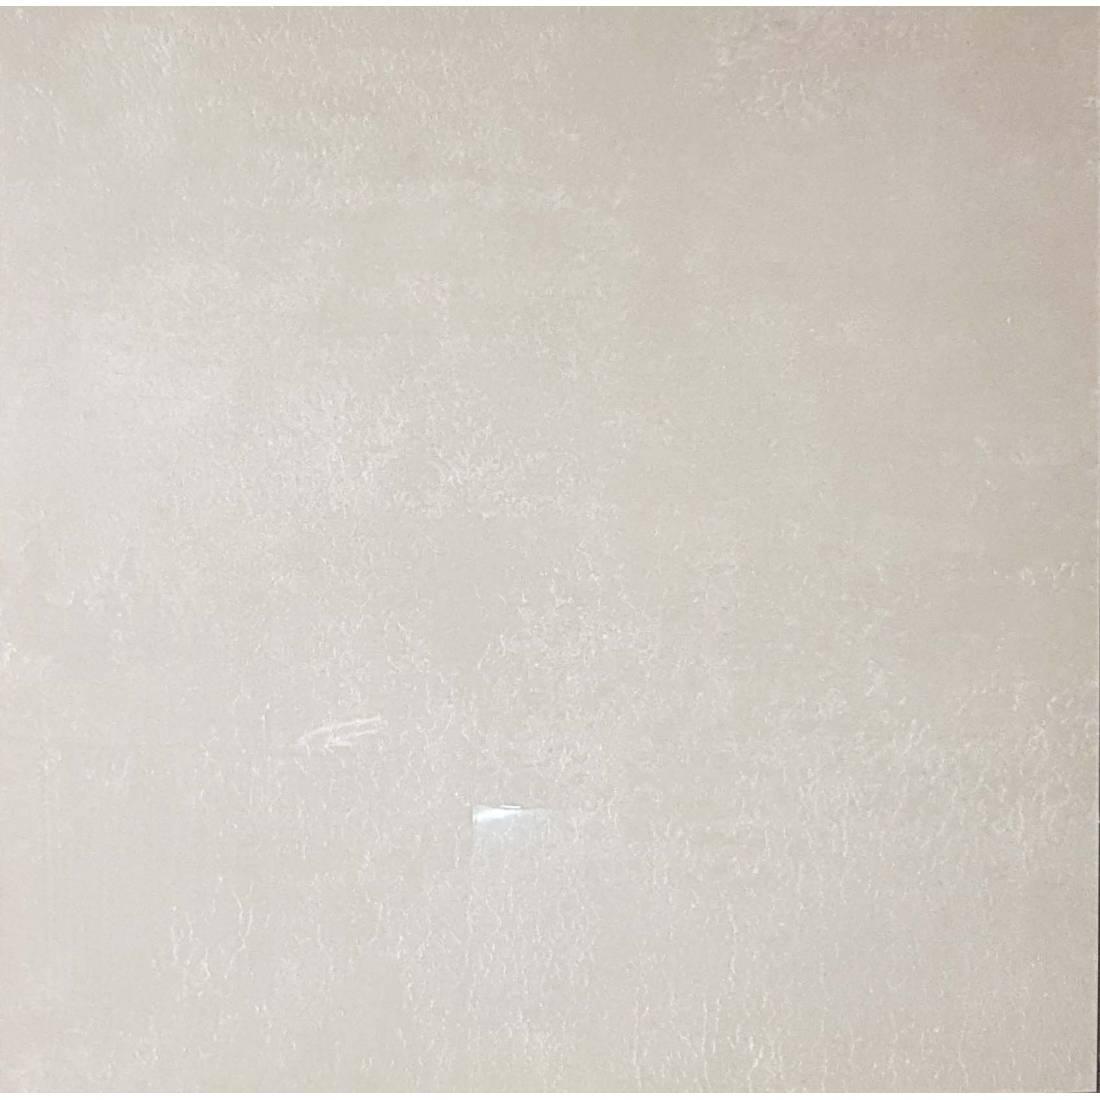 Afyon 60x60 Mist Polished 1